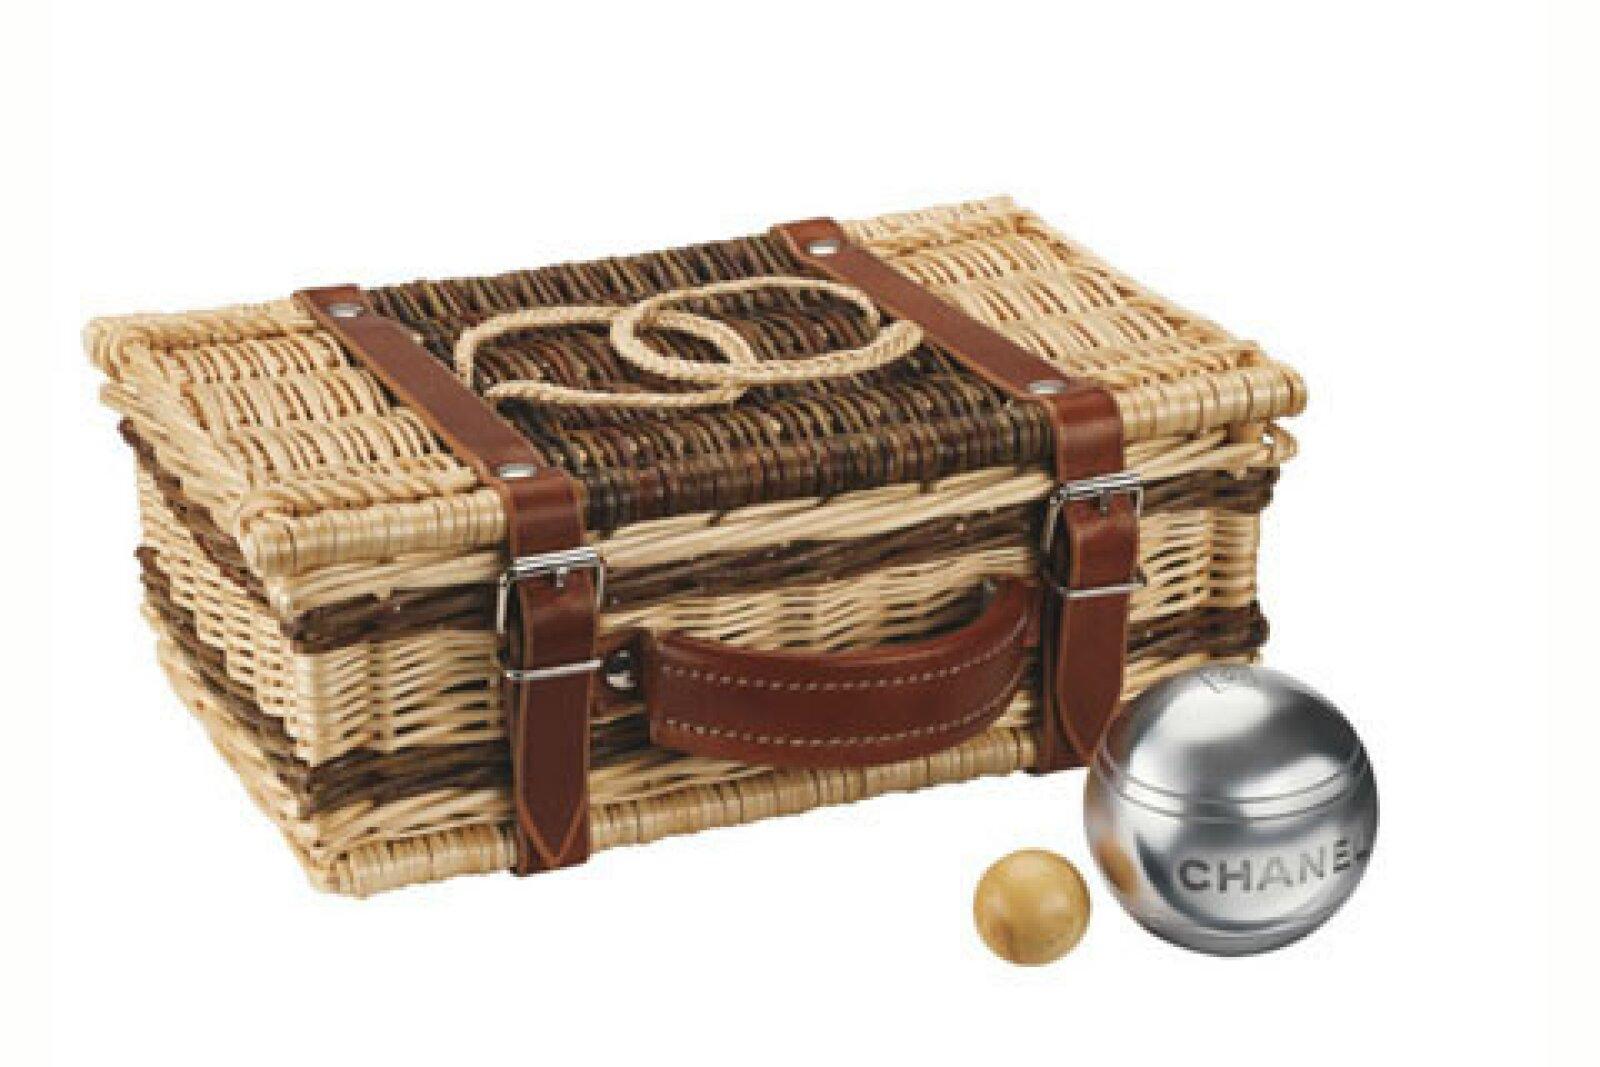 Uno de los juegos típicos franceses en la petanca por lo que Chanel no podía desaprovechar y hacer un kit de este.